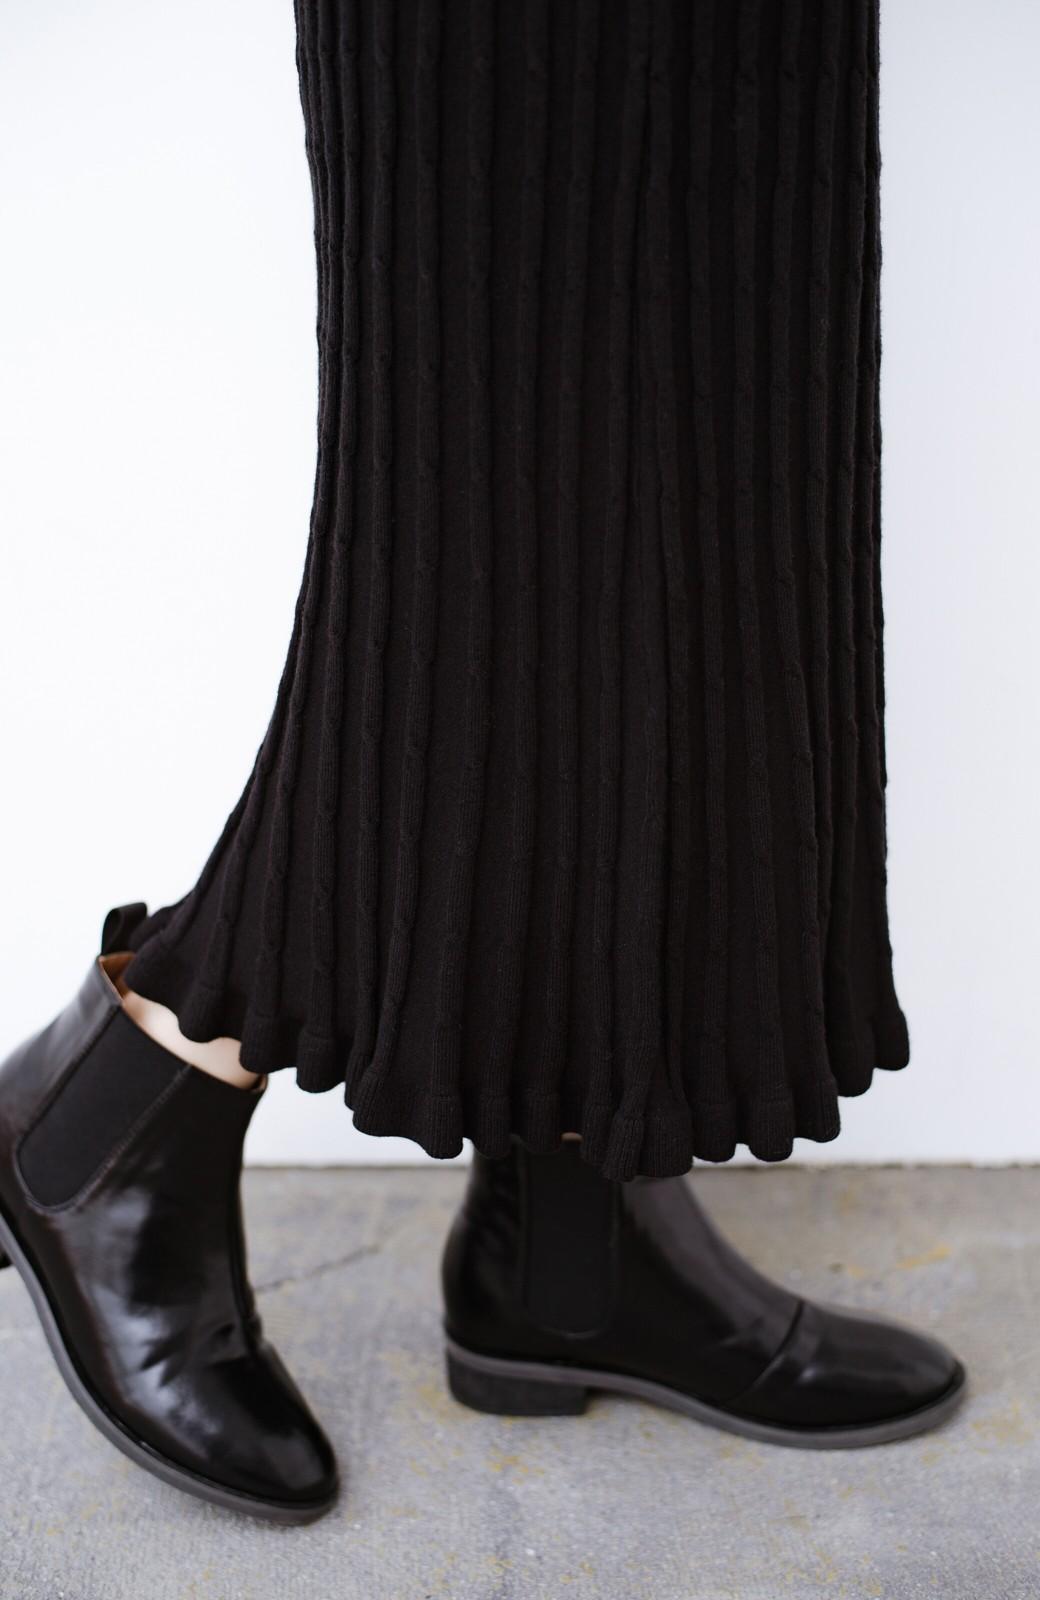 haco! シンプルトップスと合わせるだけで華やかコーデが完成するケーブルニットスカート <ブラック>の商品写真7